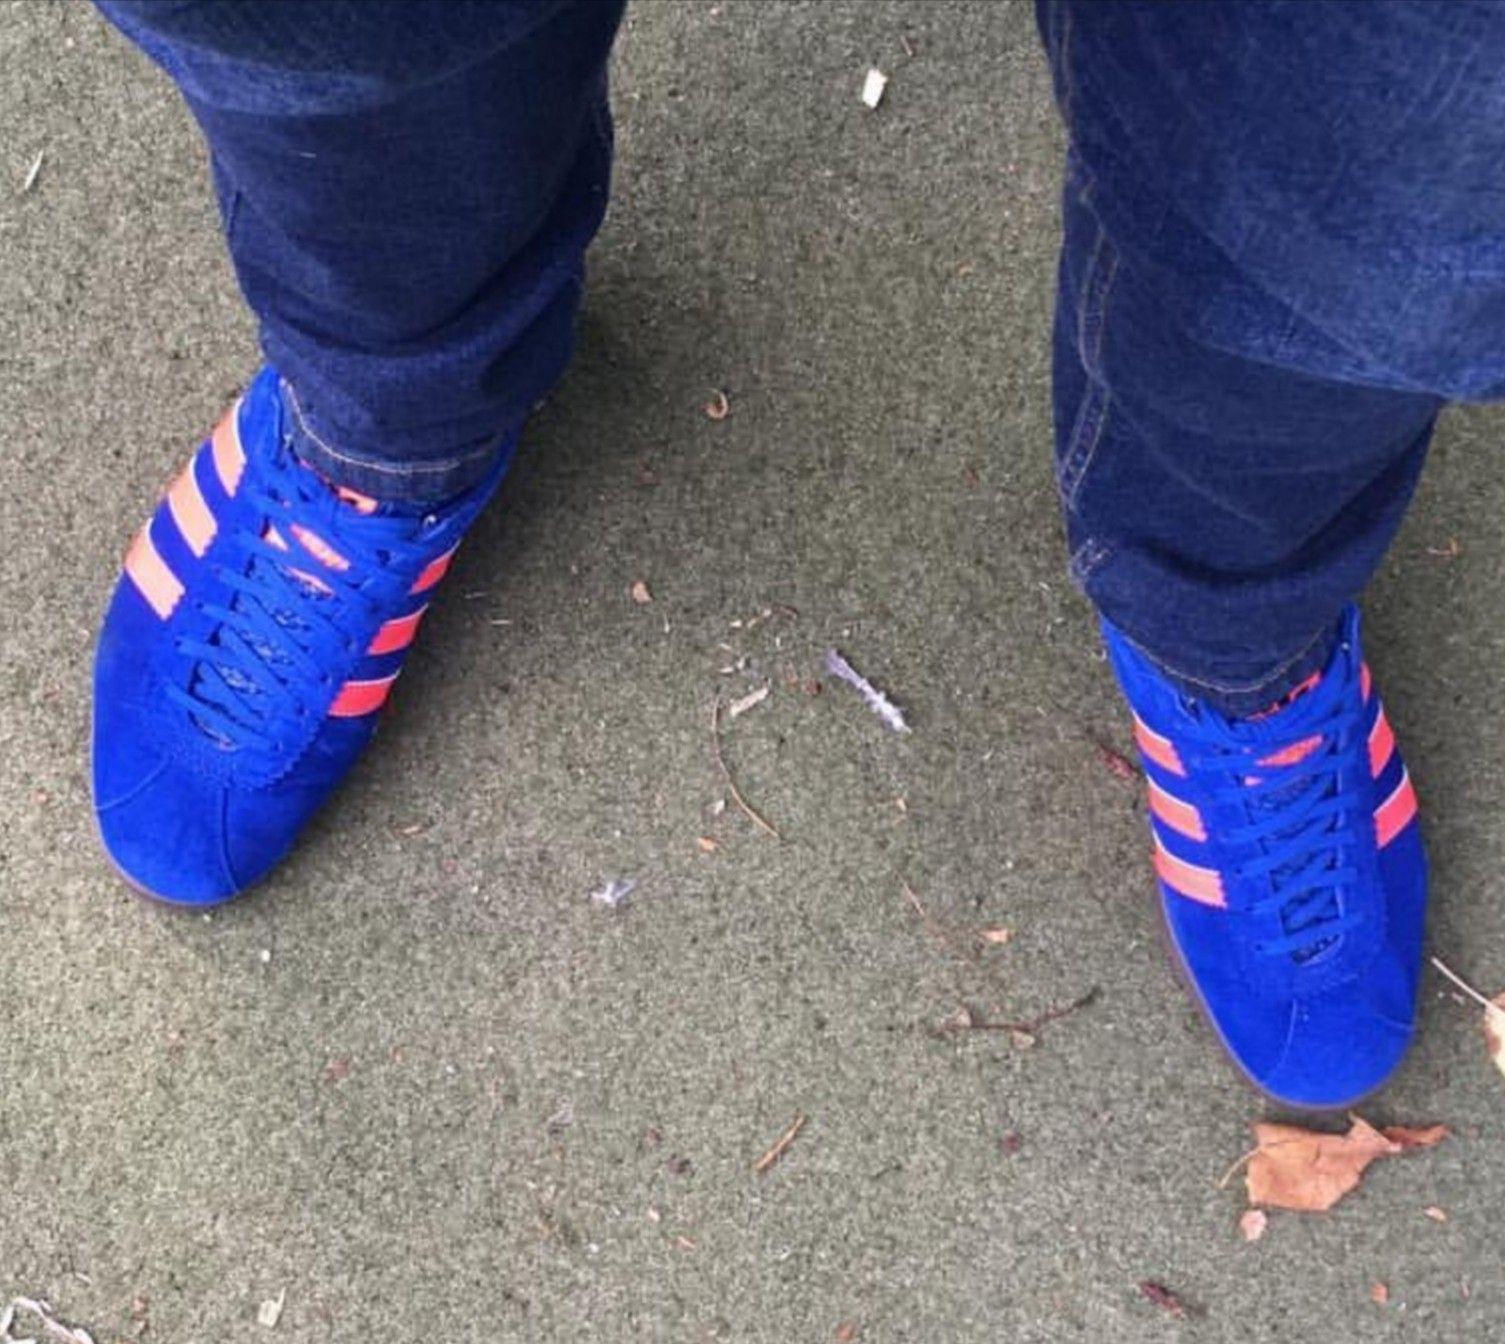 Dublin on feet on the street | Football casuals, Adidas og